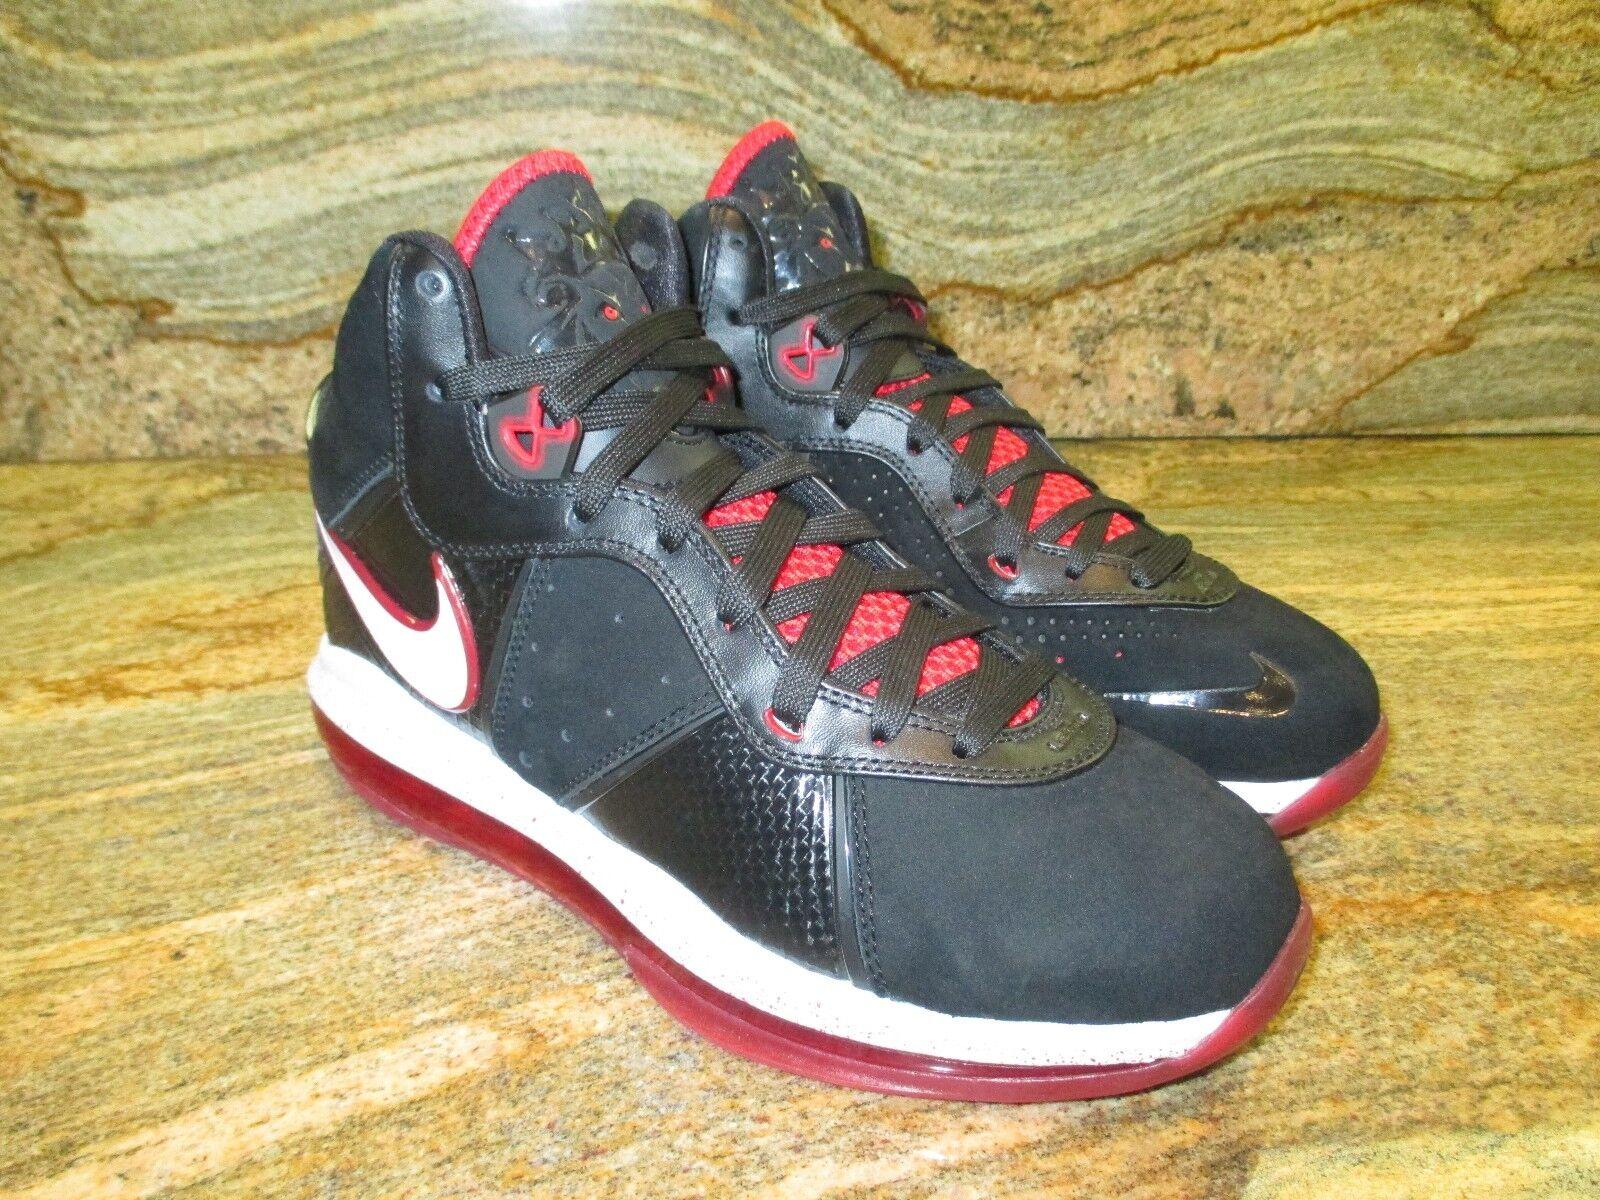 Nike Nike Nike lebron james 8 viii sz 9 promo - stichprobe schwarz - rot - miami heat elite 417098-002 02357c